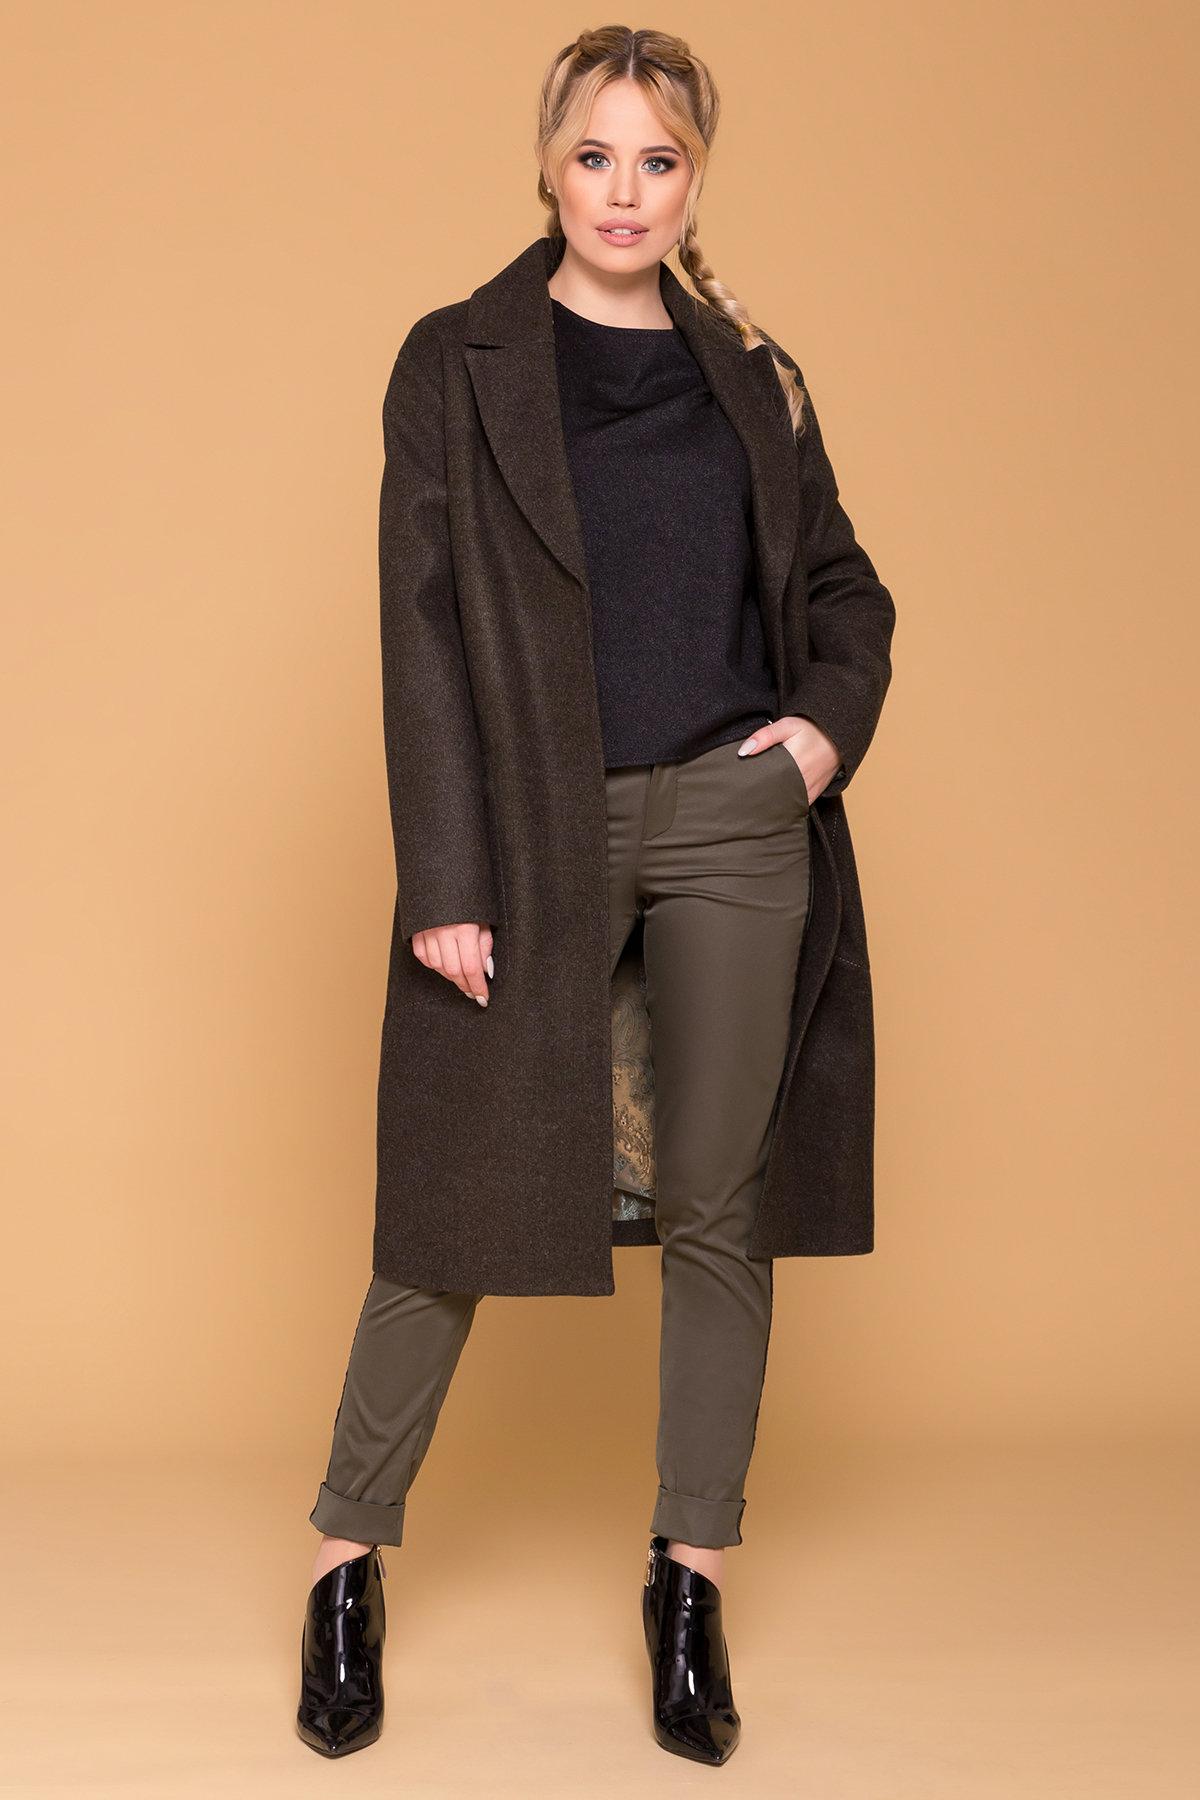 Пальто миди с прорезными карманами Ждана лайт 6337 АРТ. 41149 Цвет: Хаки 16 - фото 3, интернет магазин tm-modus.ru